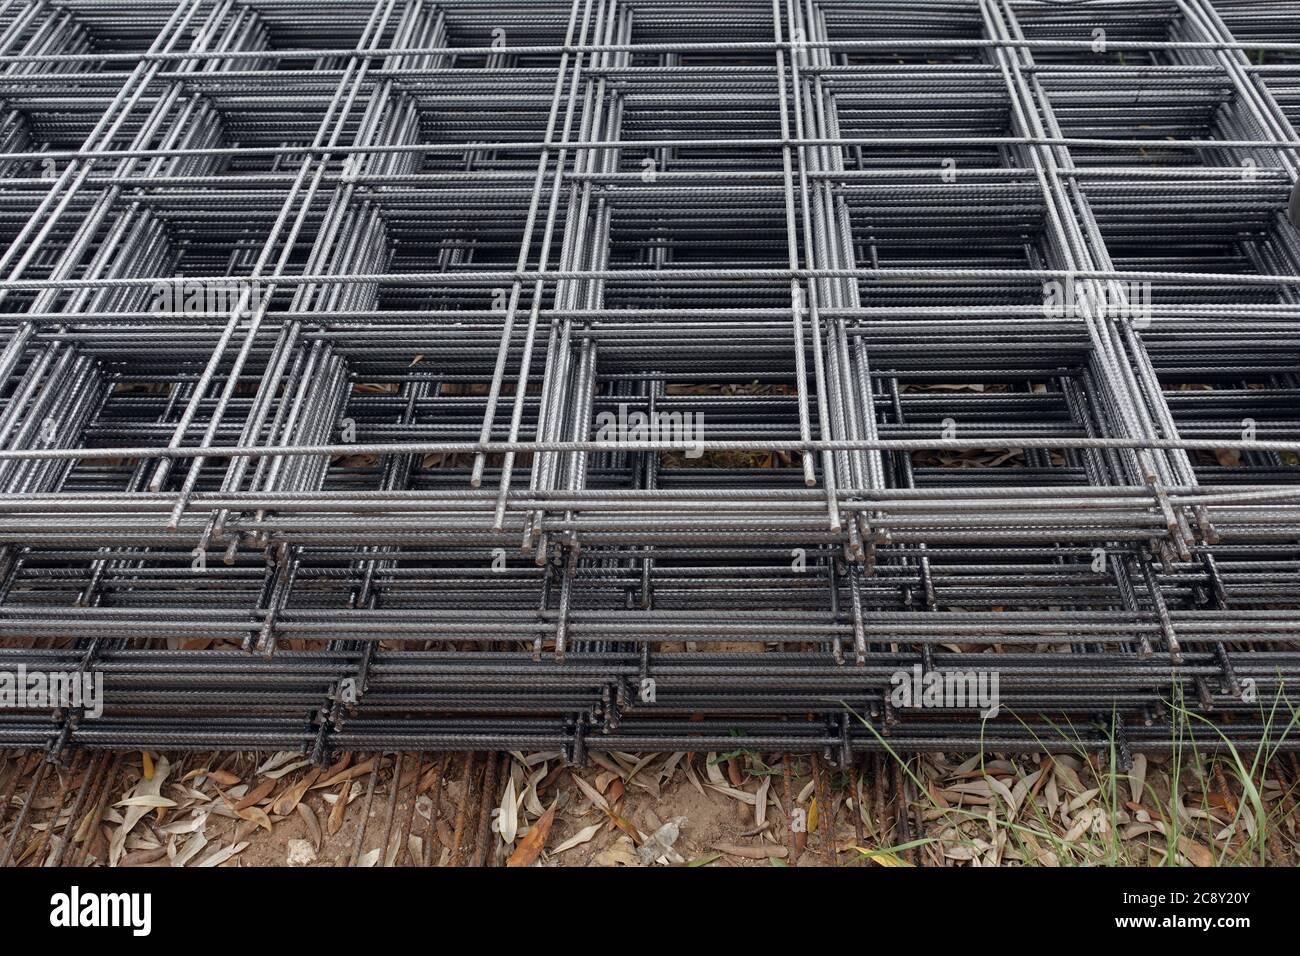 Malla de refuerzo de hormigón de alambre de acero utilizada en la construcción. Antecedentes industriales. Foto de stock